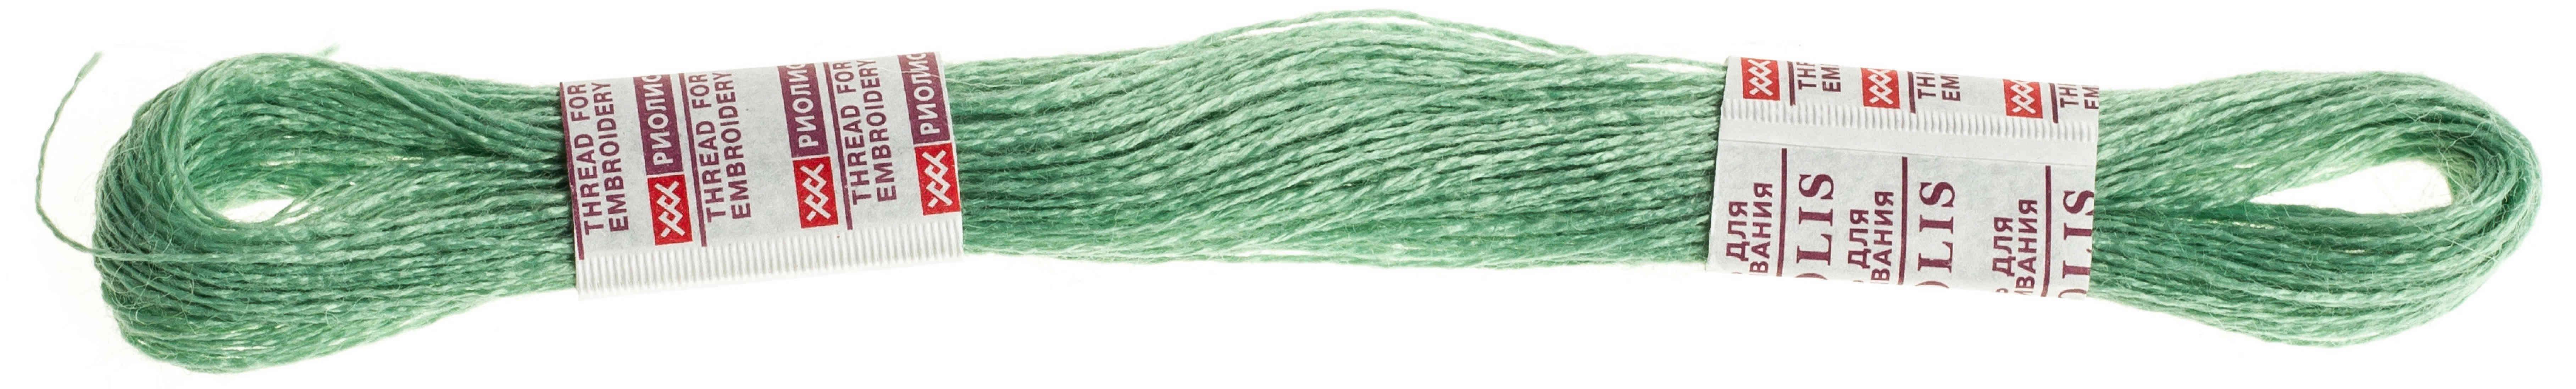 Шерстяные нитки для вышивания RIOLIS Купить 36